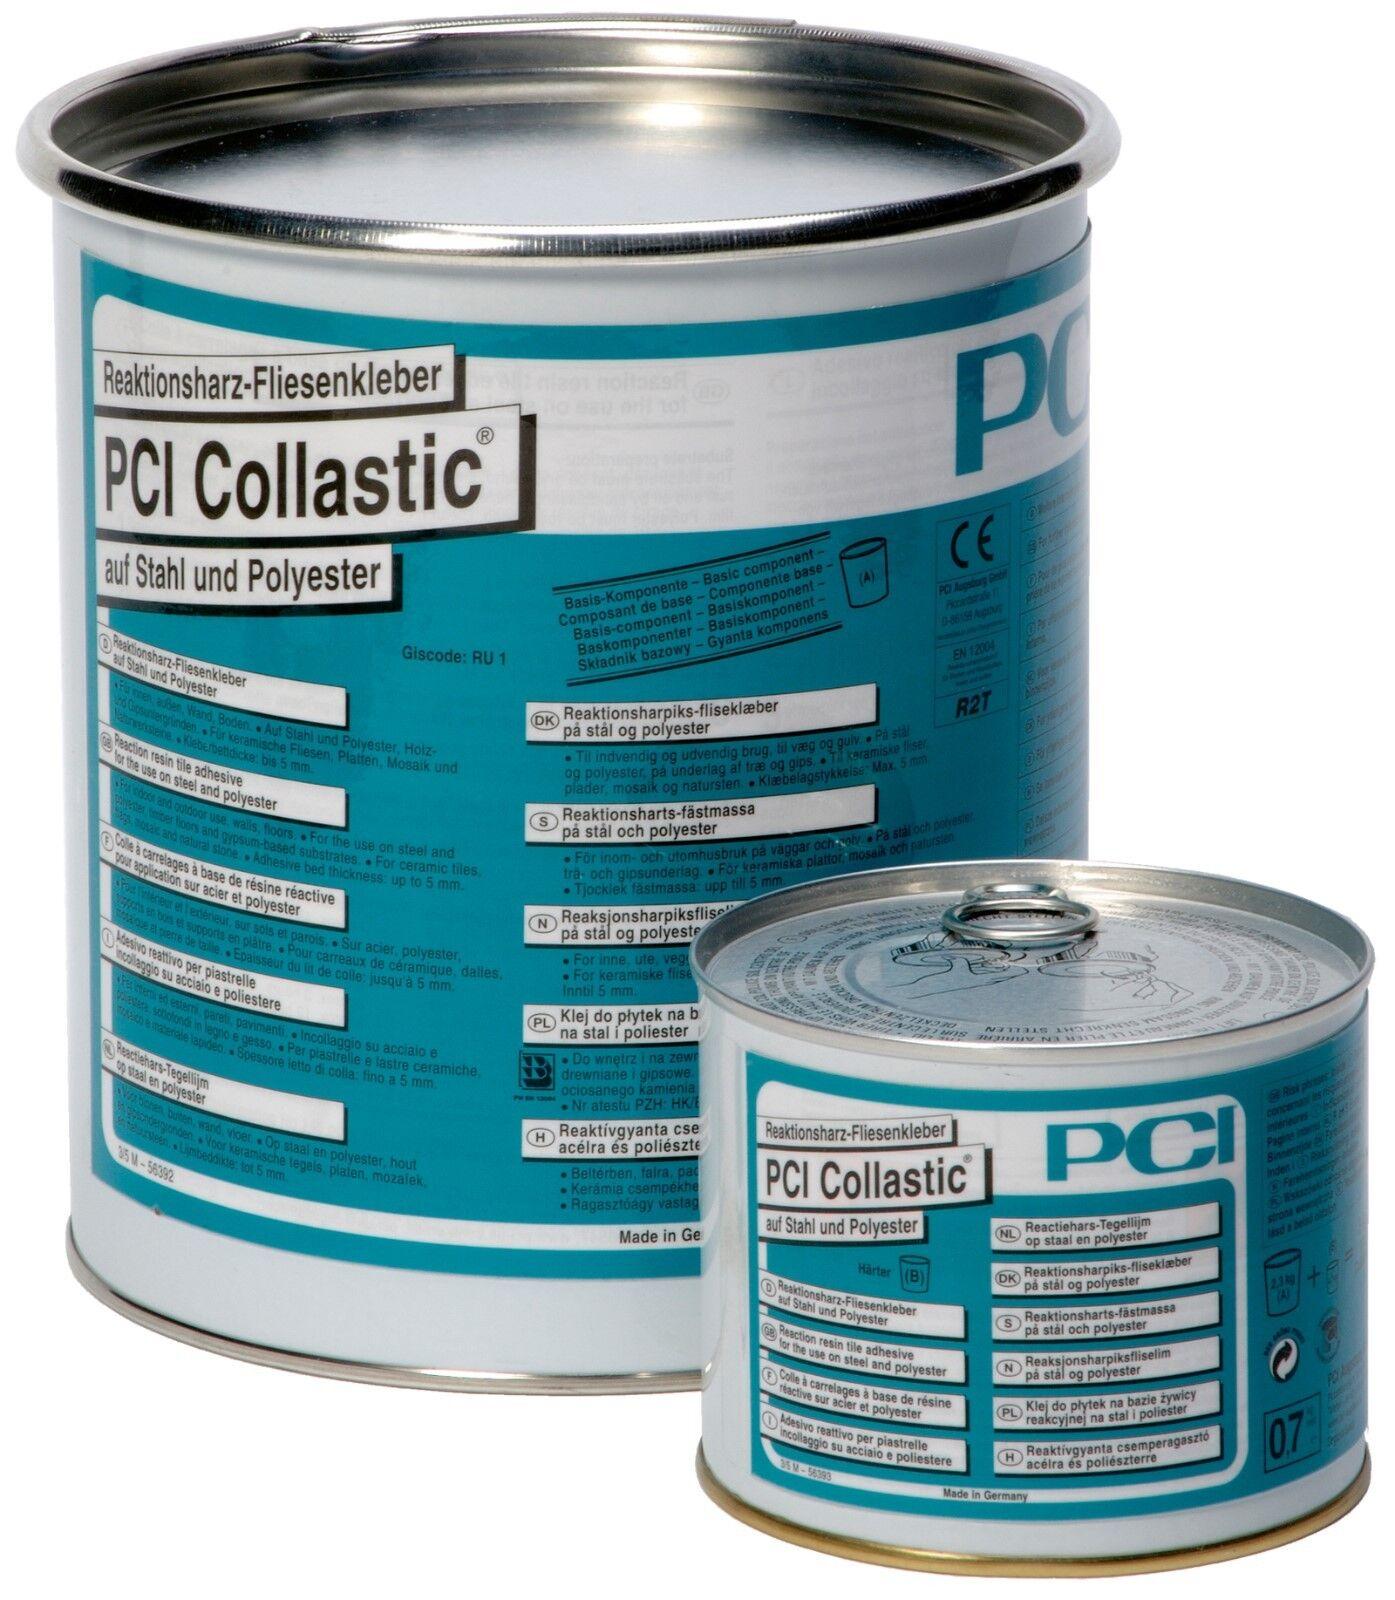 PCI Collastic 3kg Reaktionsharz-Fliesenkleber Fliesen Stahl Polyester Naturstein